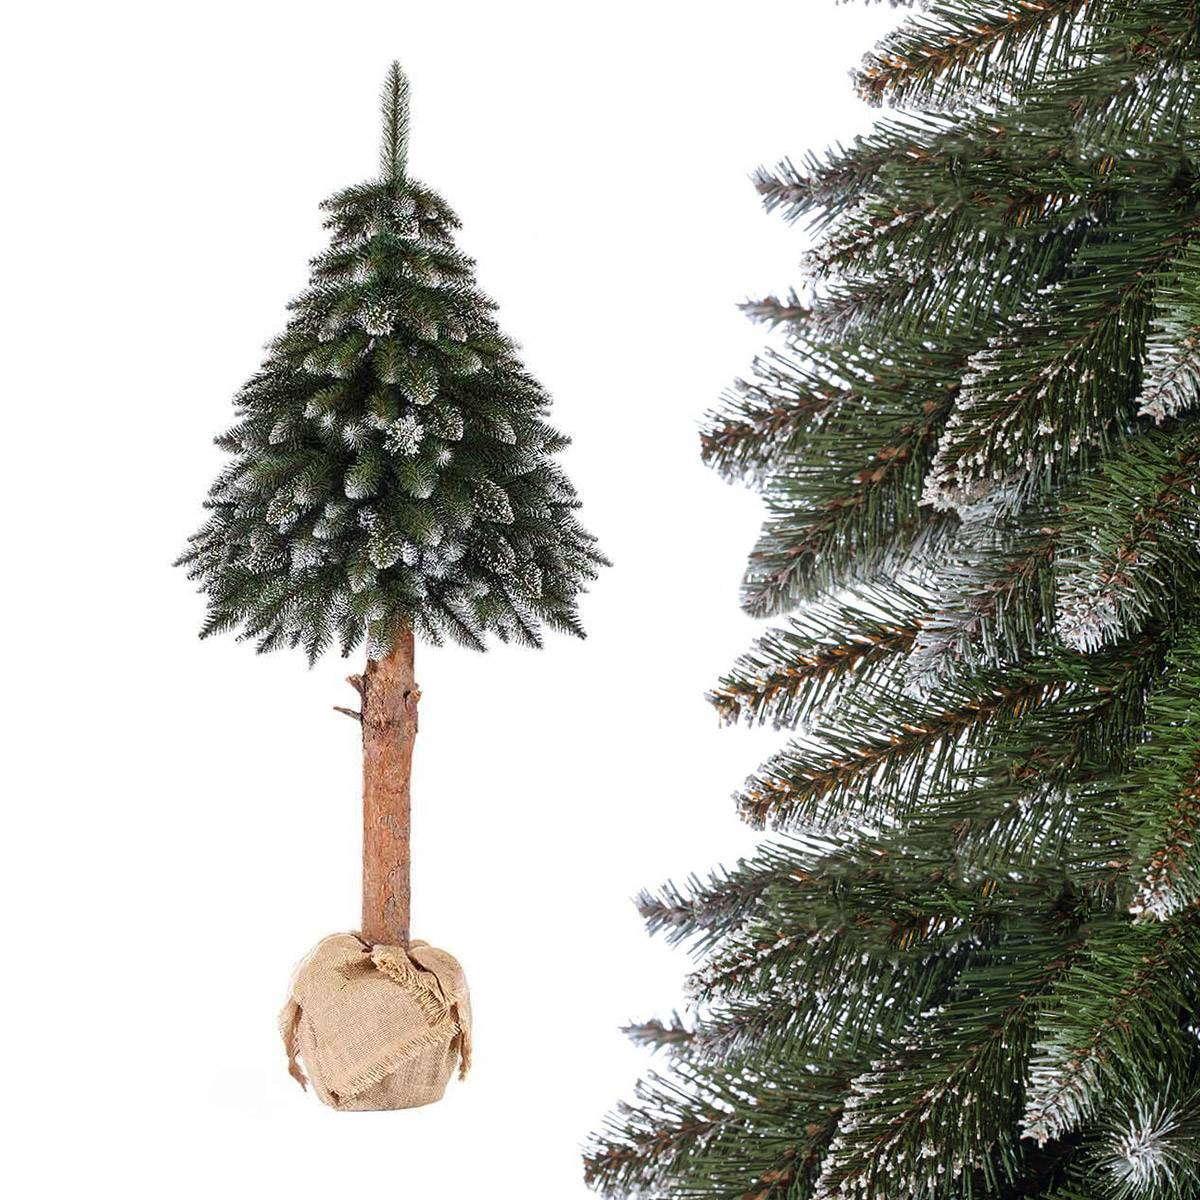 Idą Święta, szanuj las. Dlaczego sztuczna choinka jest lepsza niż prawdziwa? 5